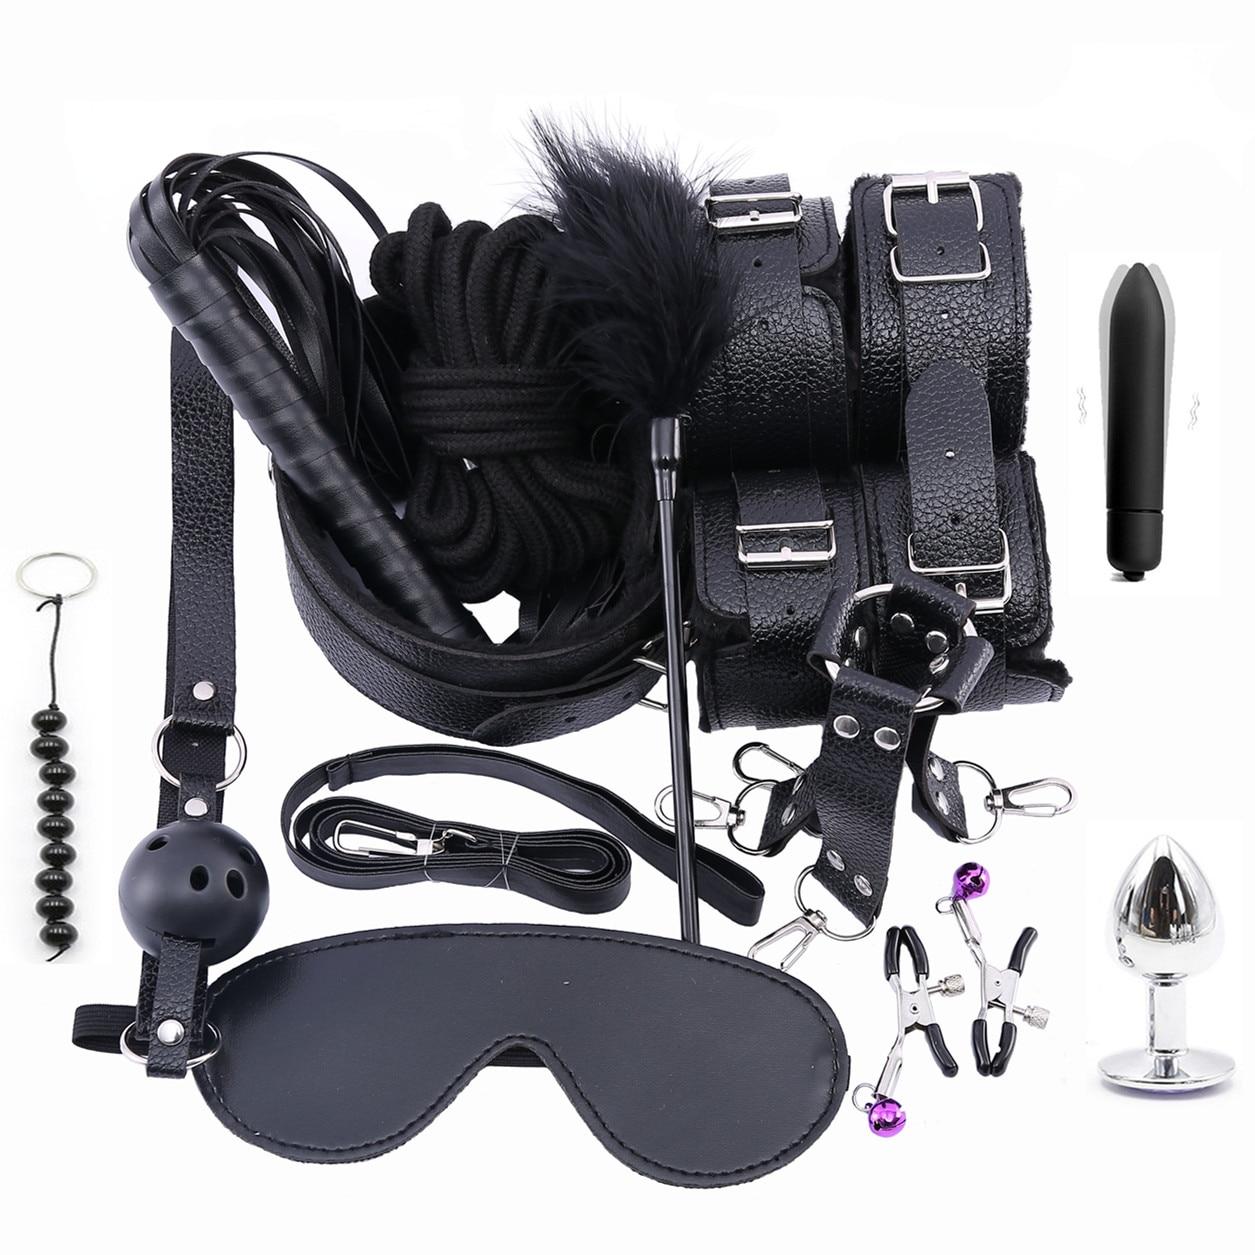 Набор из 13 предметов, стимуляция связывания, кожаные, плюшевые, БДСМ, наручники, кнут, металлическая Анальная пробка, эротические секс игрушки для взрослых пар